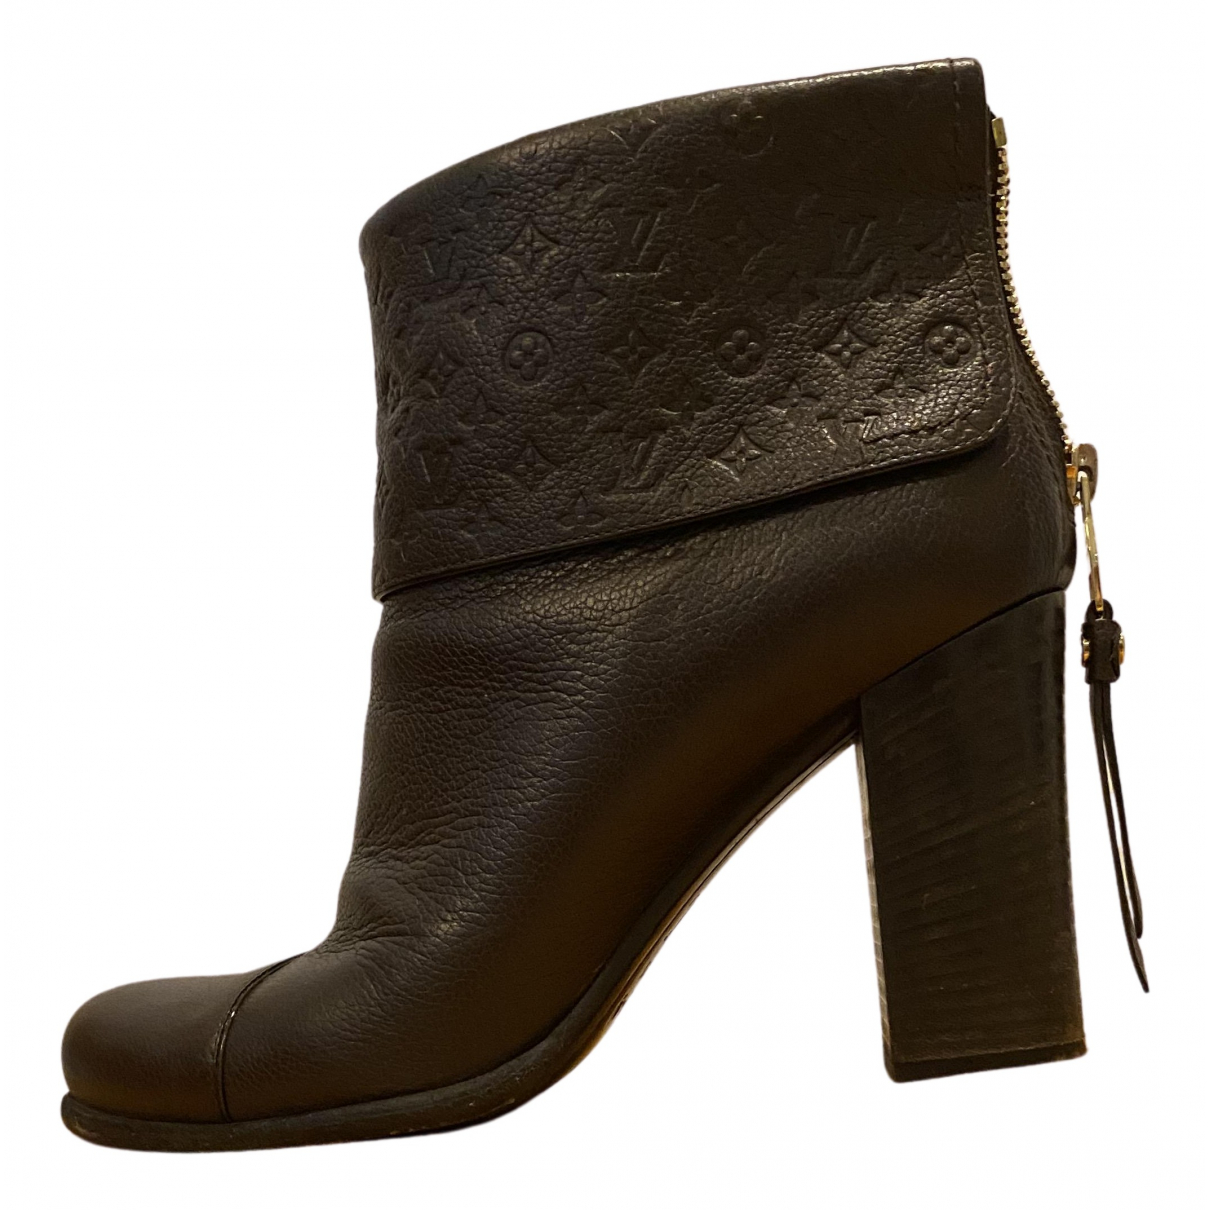 Louis Vuitton - Boots   pour femme en cuir - marron